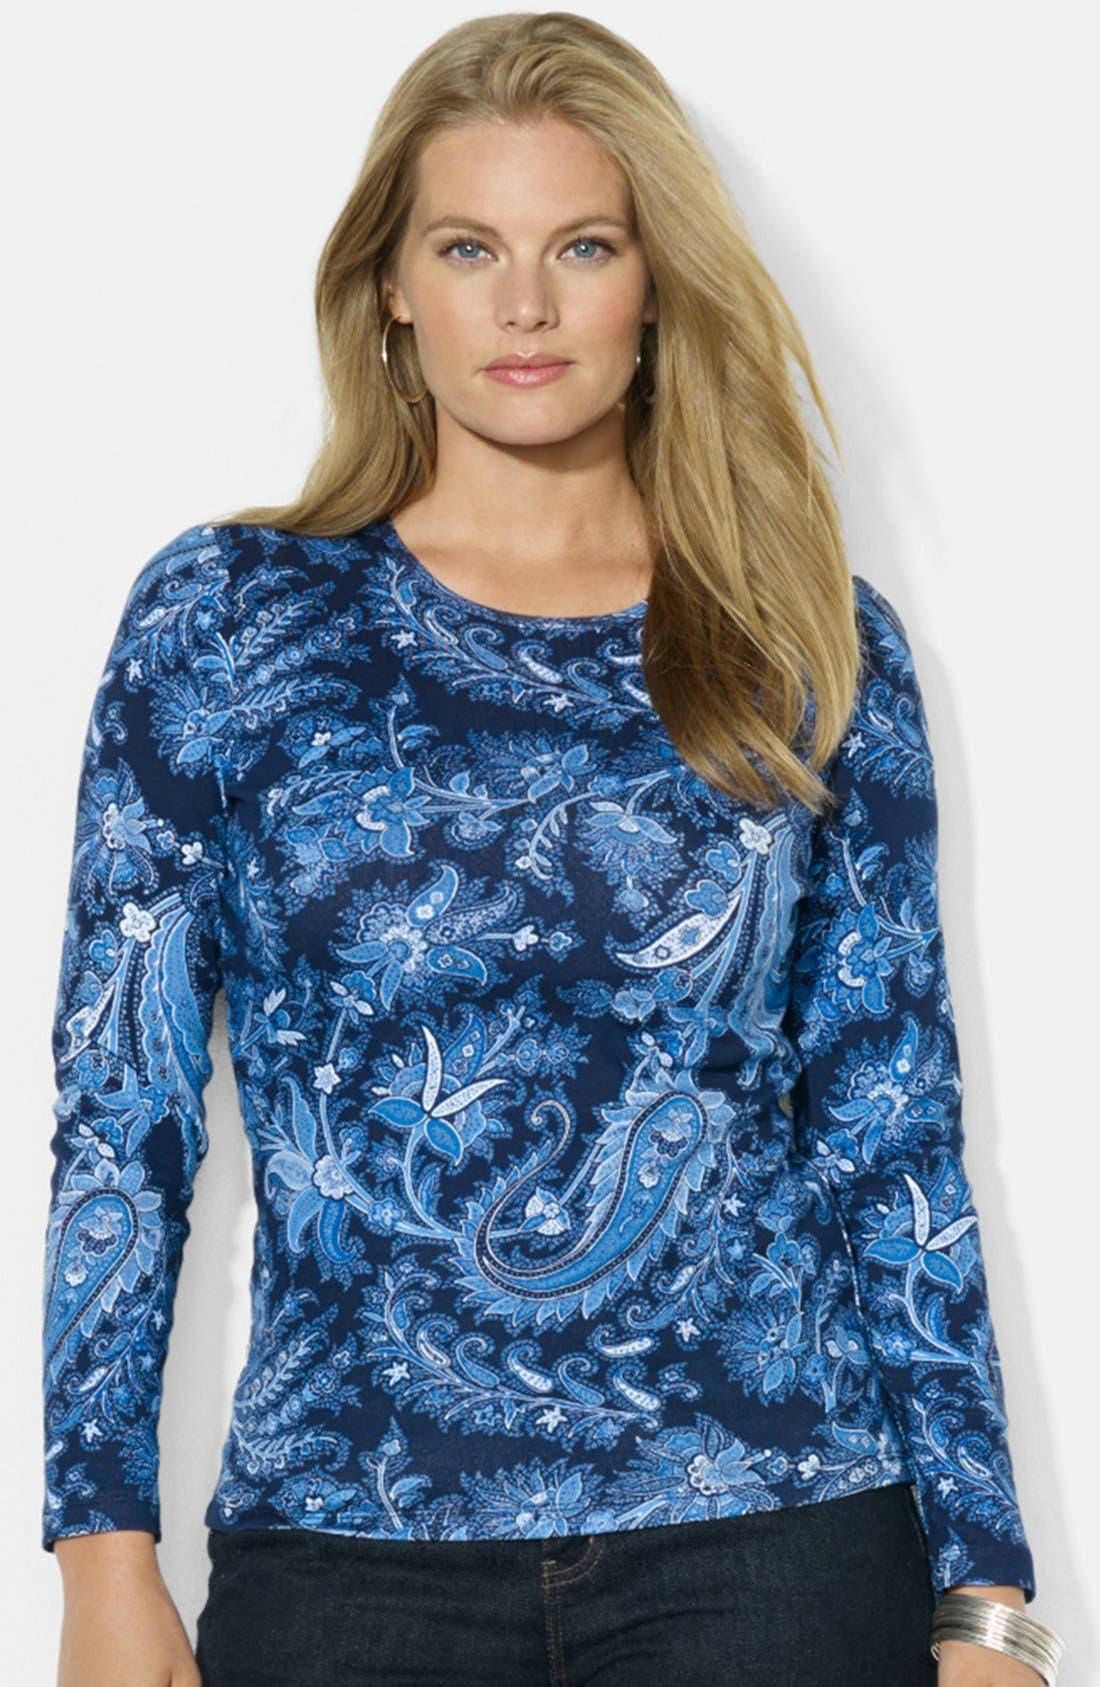 Alternate Image 1 Selected - Lauren Ralph Lauren Print Cotton Top (Plus Size)